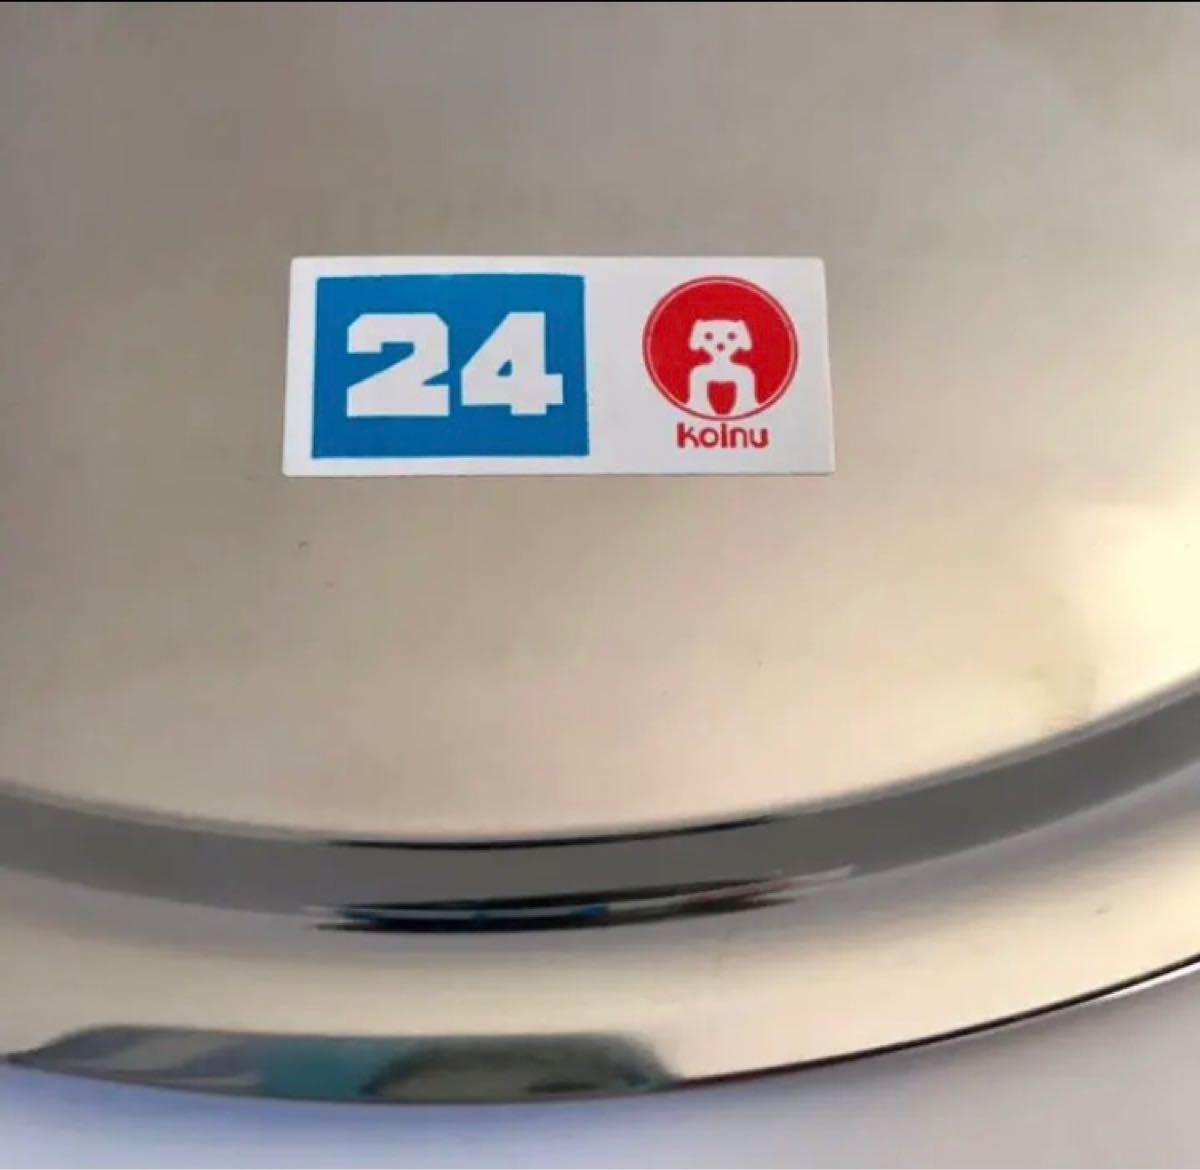 未使用 本間製作所/仔犬印 フライパン蓋24cm 18-0ステンレスSUS430 A